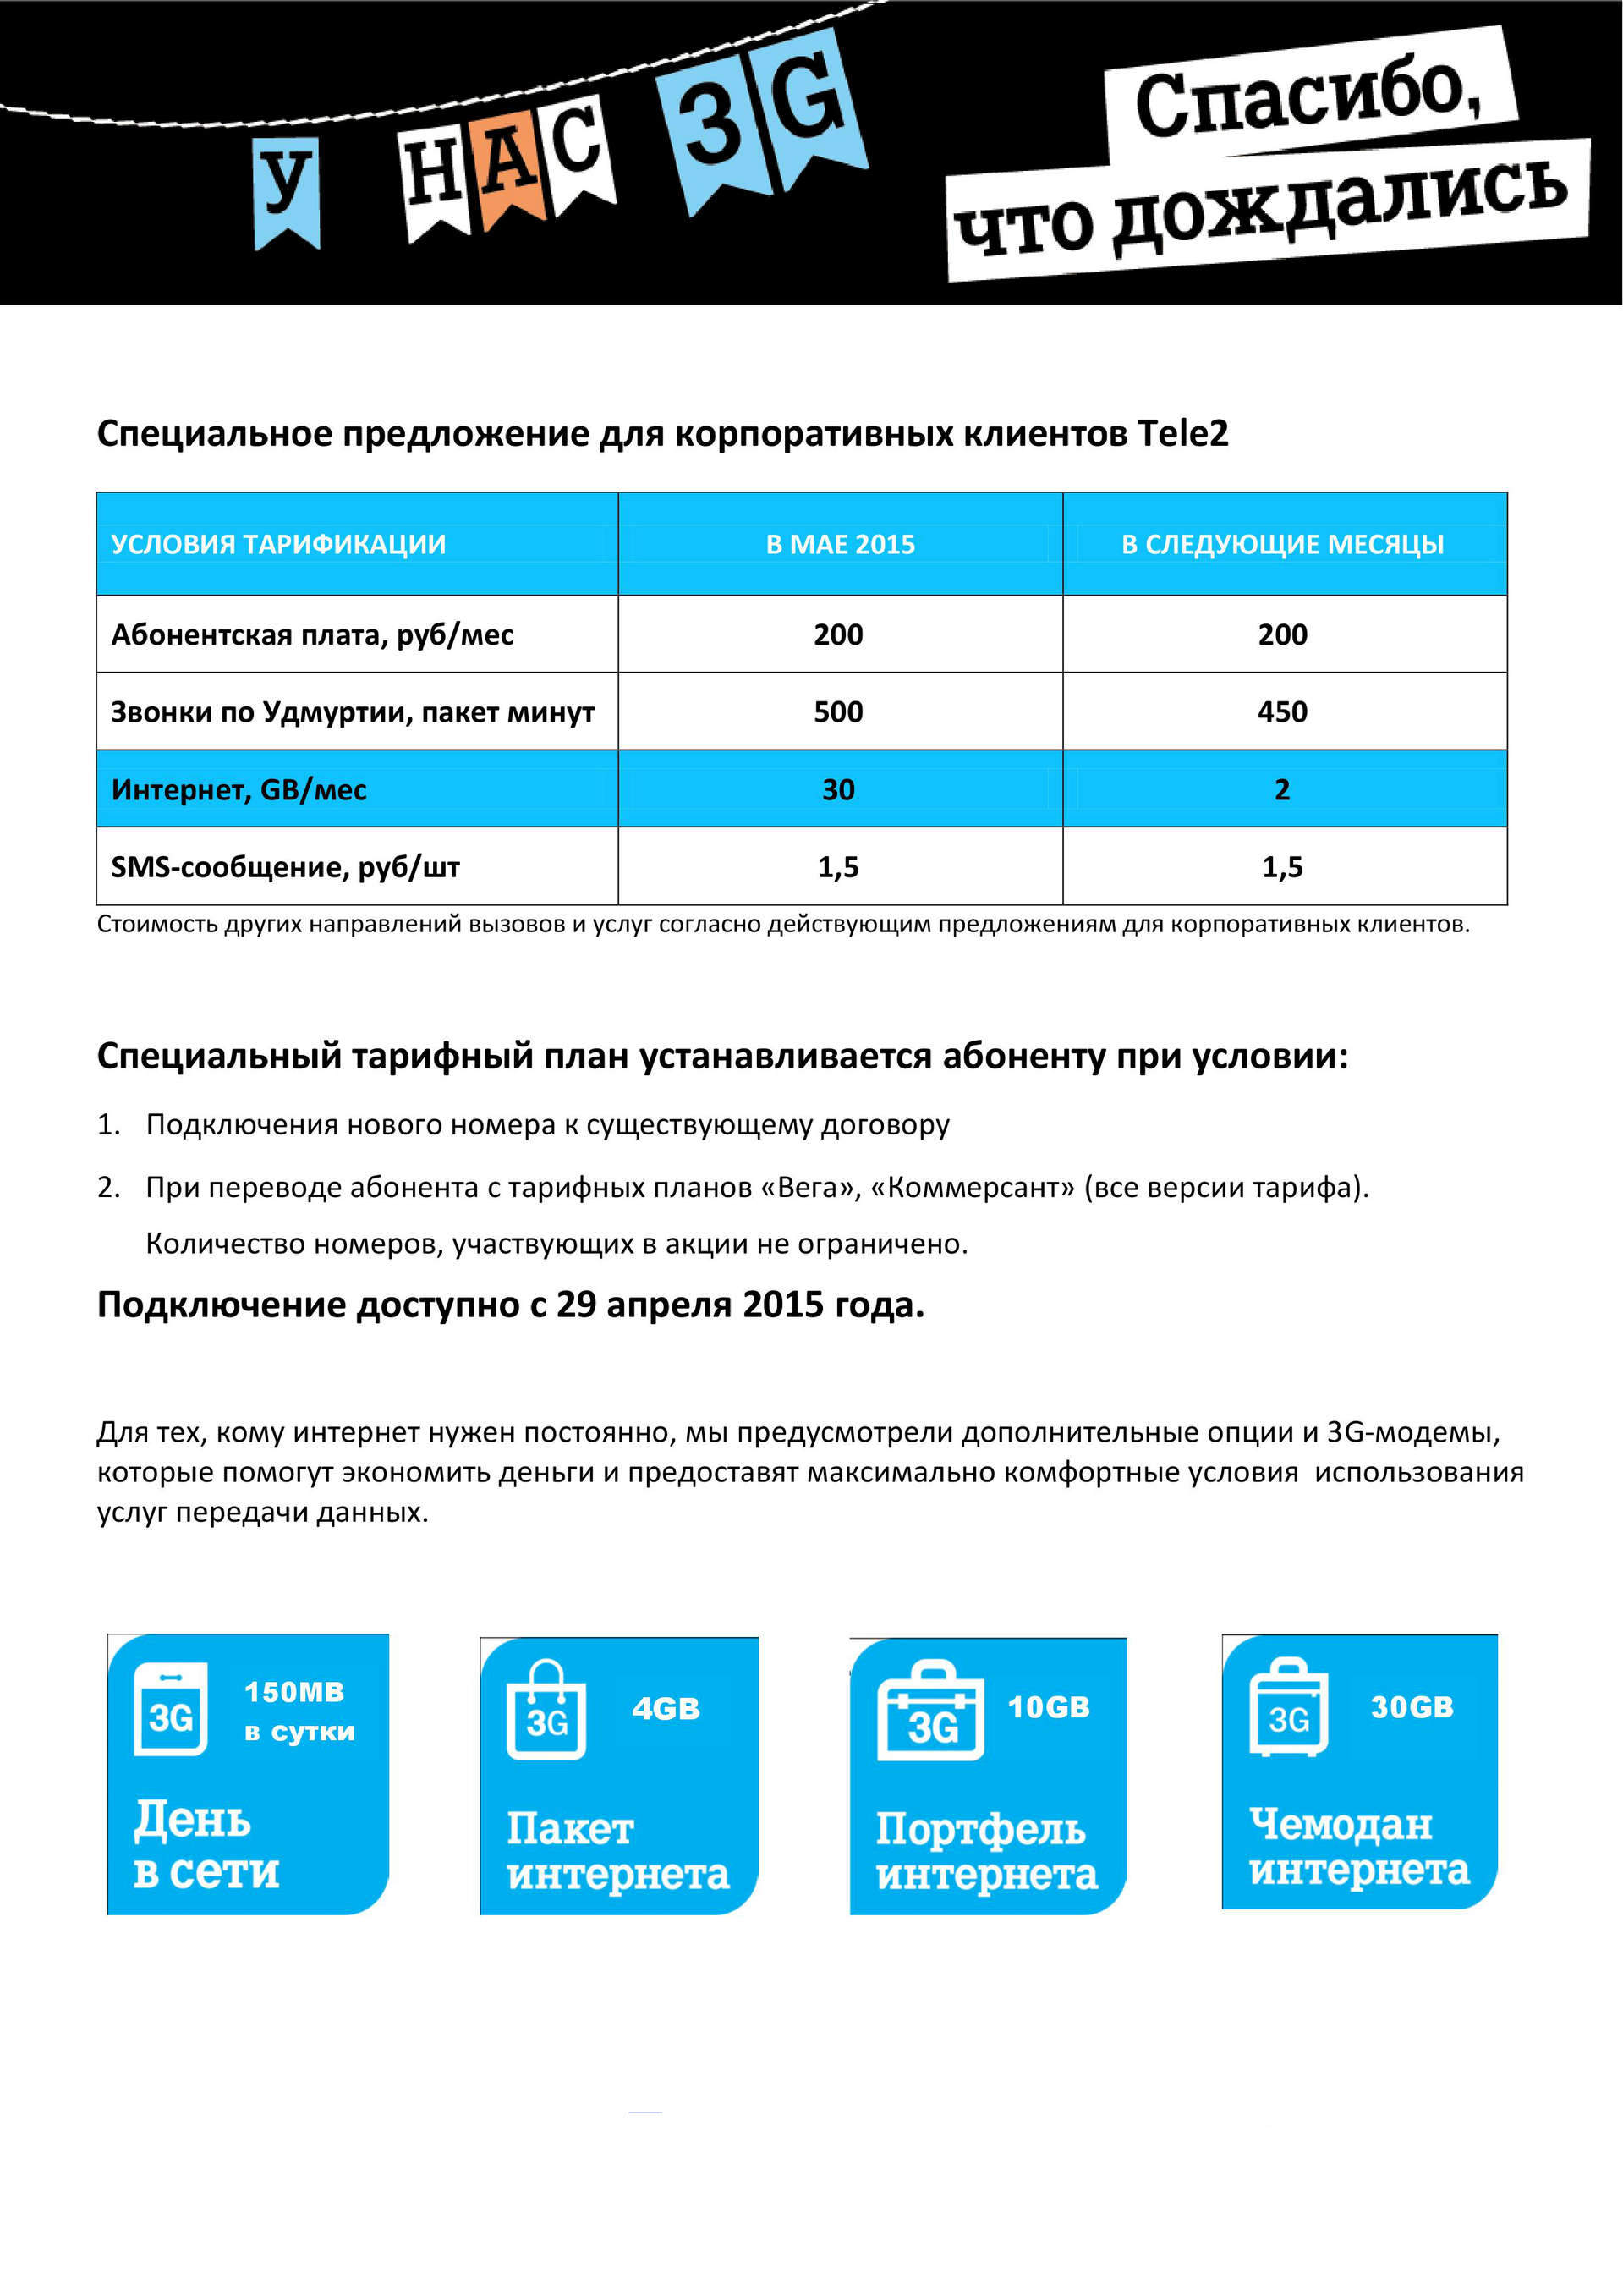 Выгодные тарифы Теле2 и номера : Телефоны. Купить - Продать